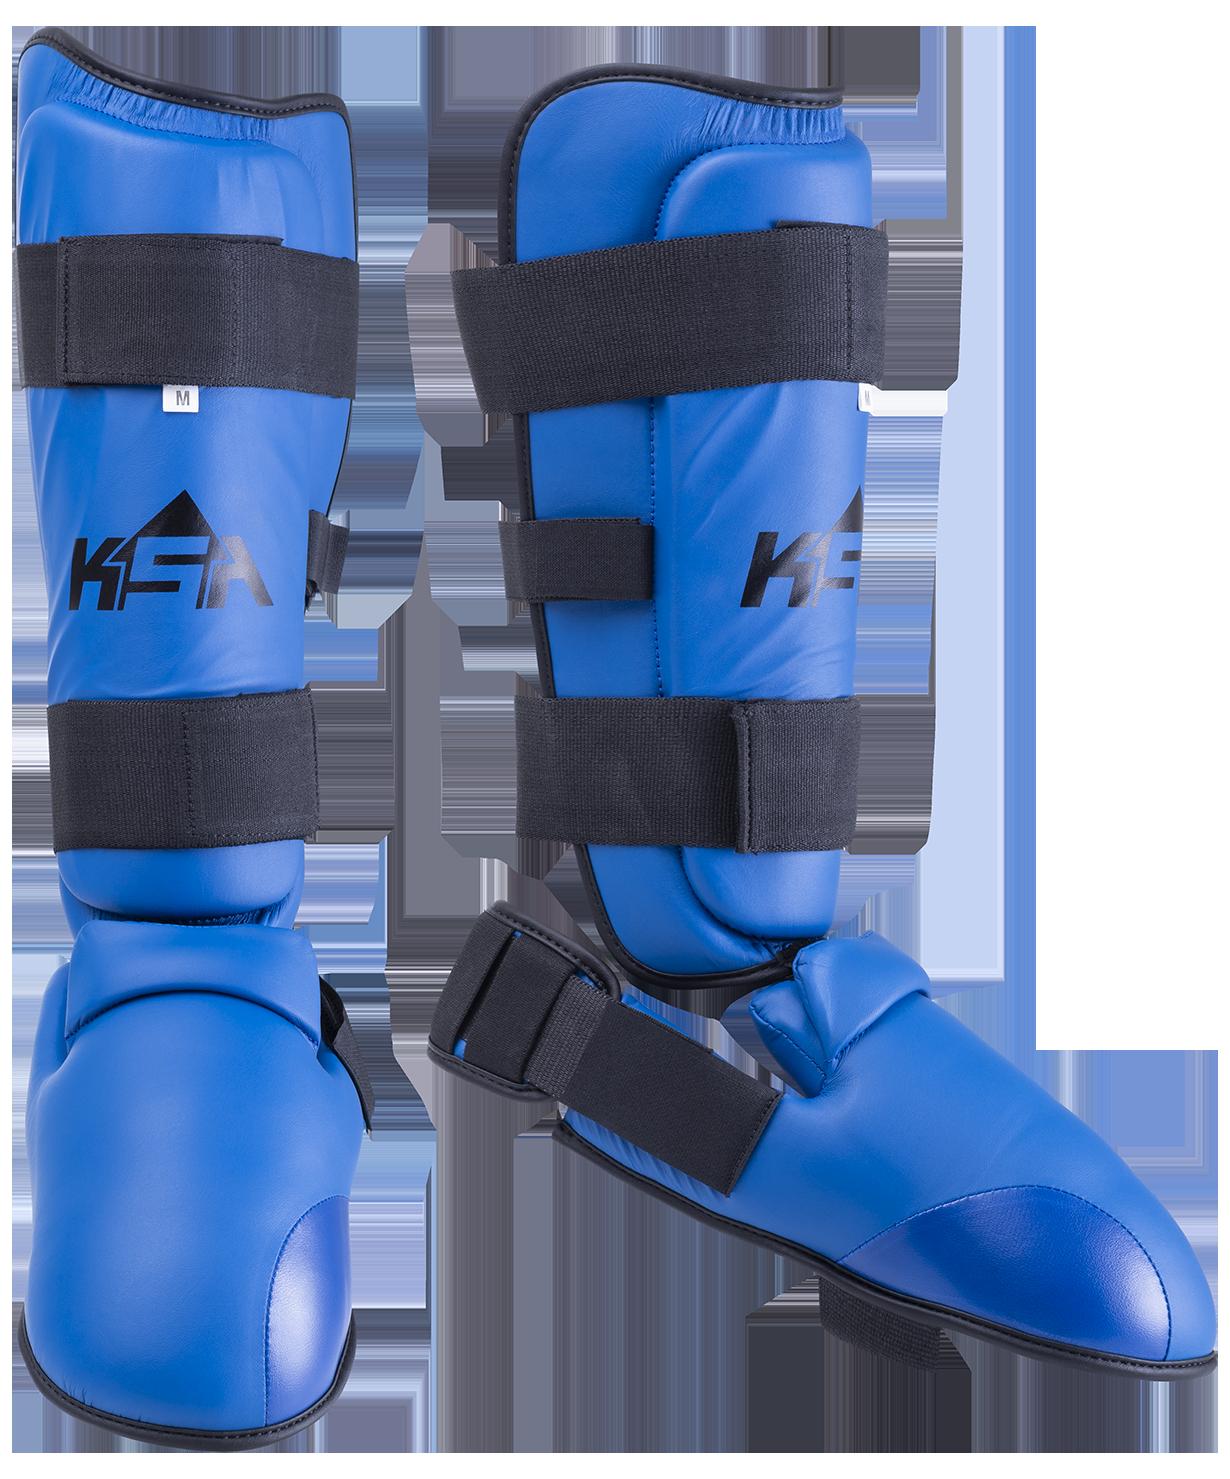 Защита ног Защита голень-стопа Force 50bb6f1023310871e6f4eef31c8a79f6.png